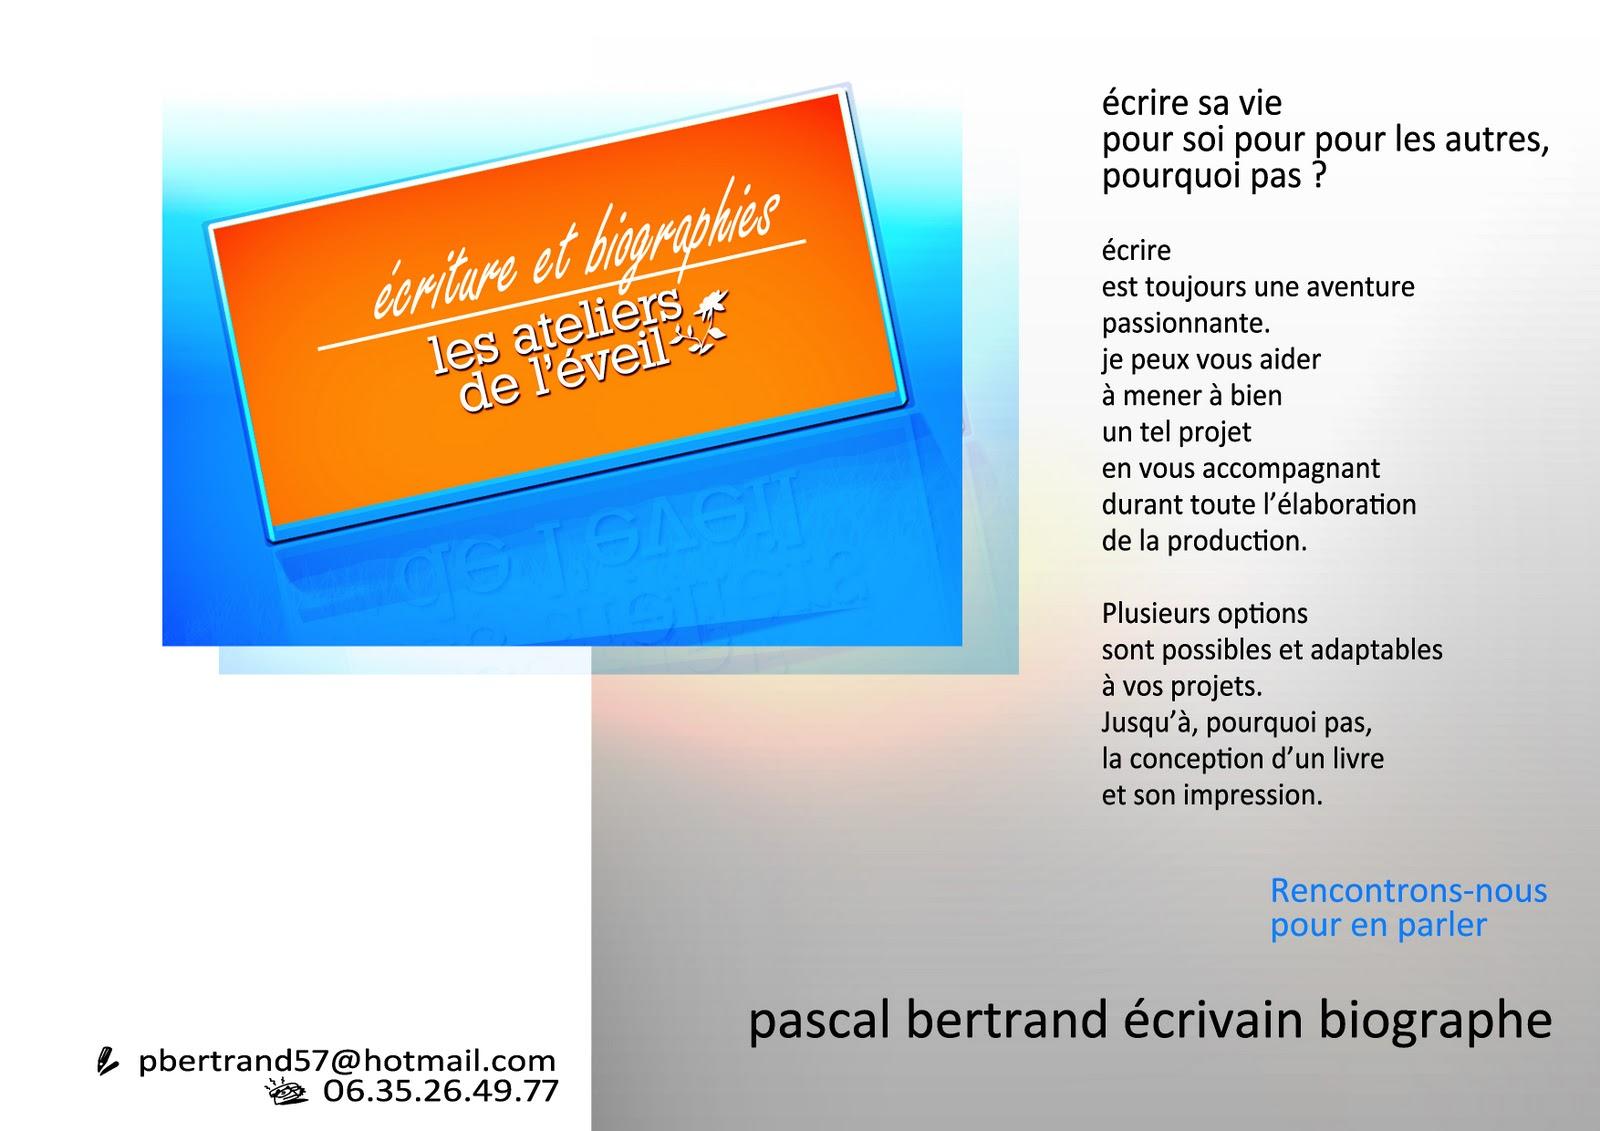 Pascal bertrand en route vers le territoire de cl mence - Je reste a votre disposition pour toutes informations complementaires ...